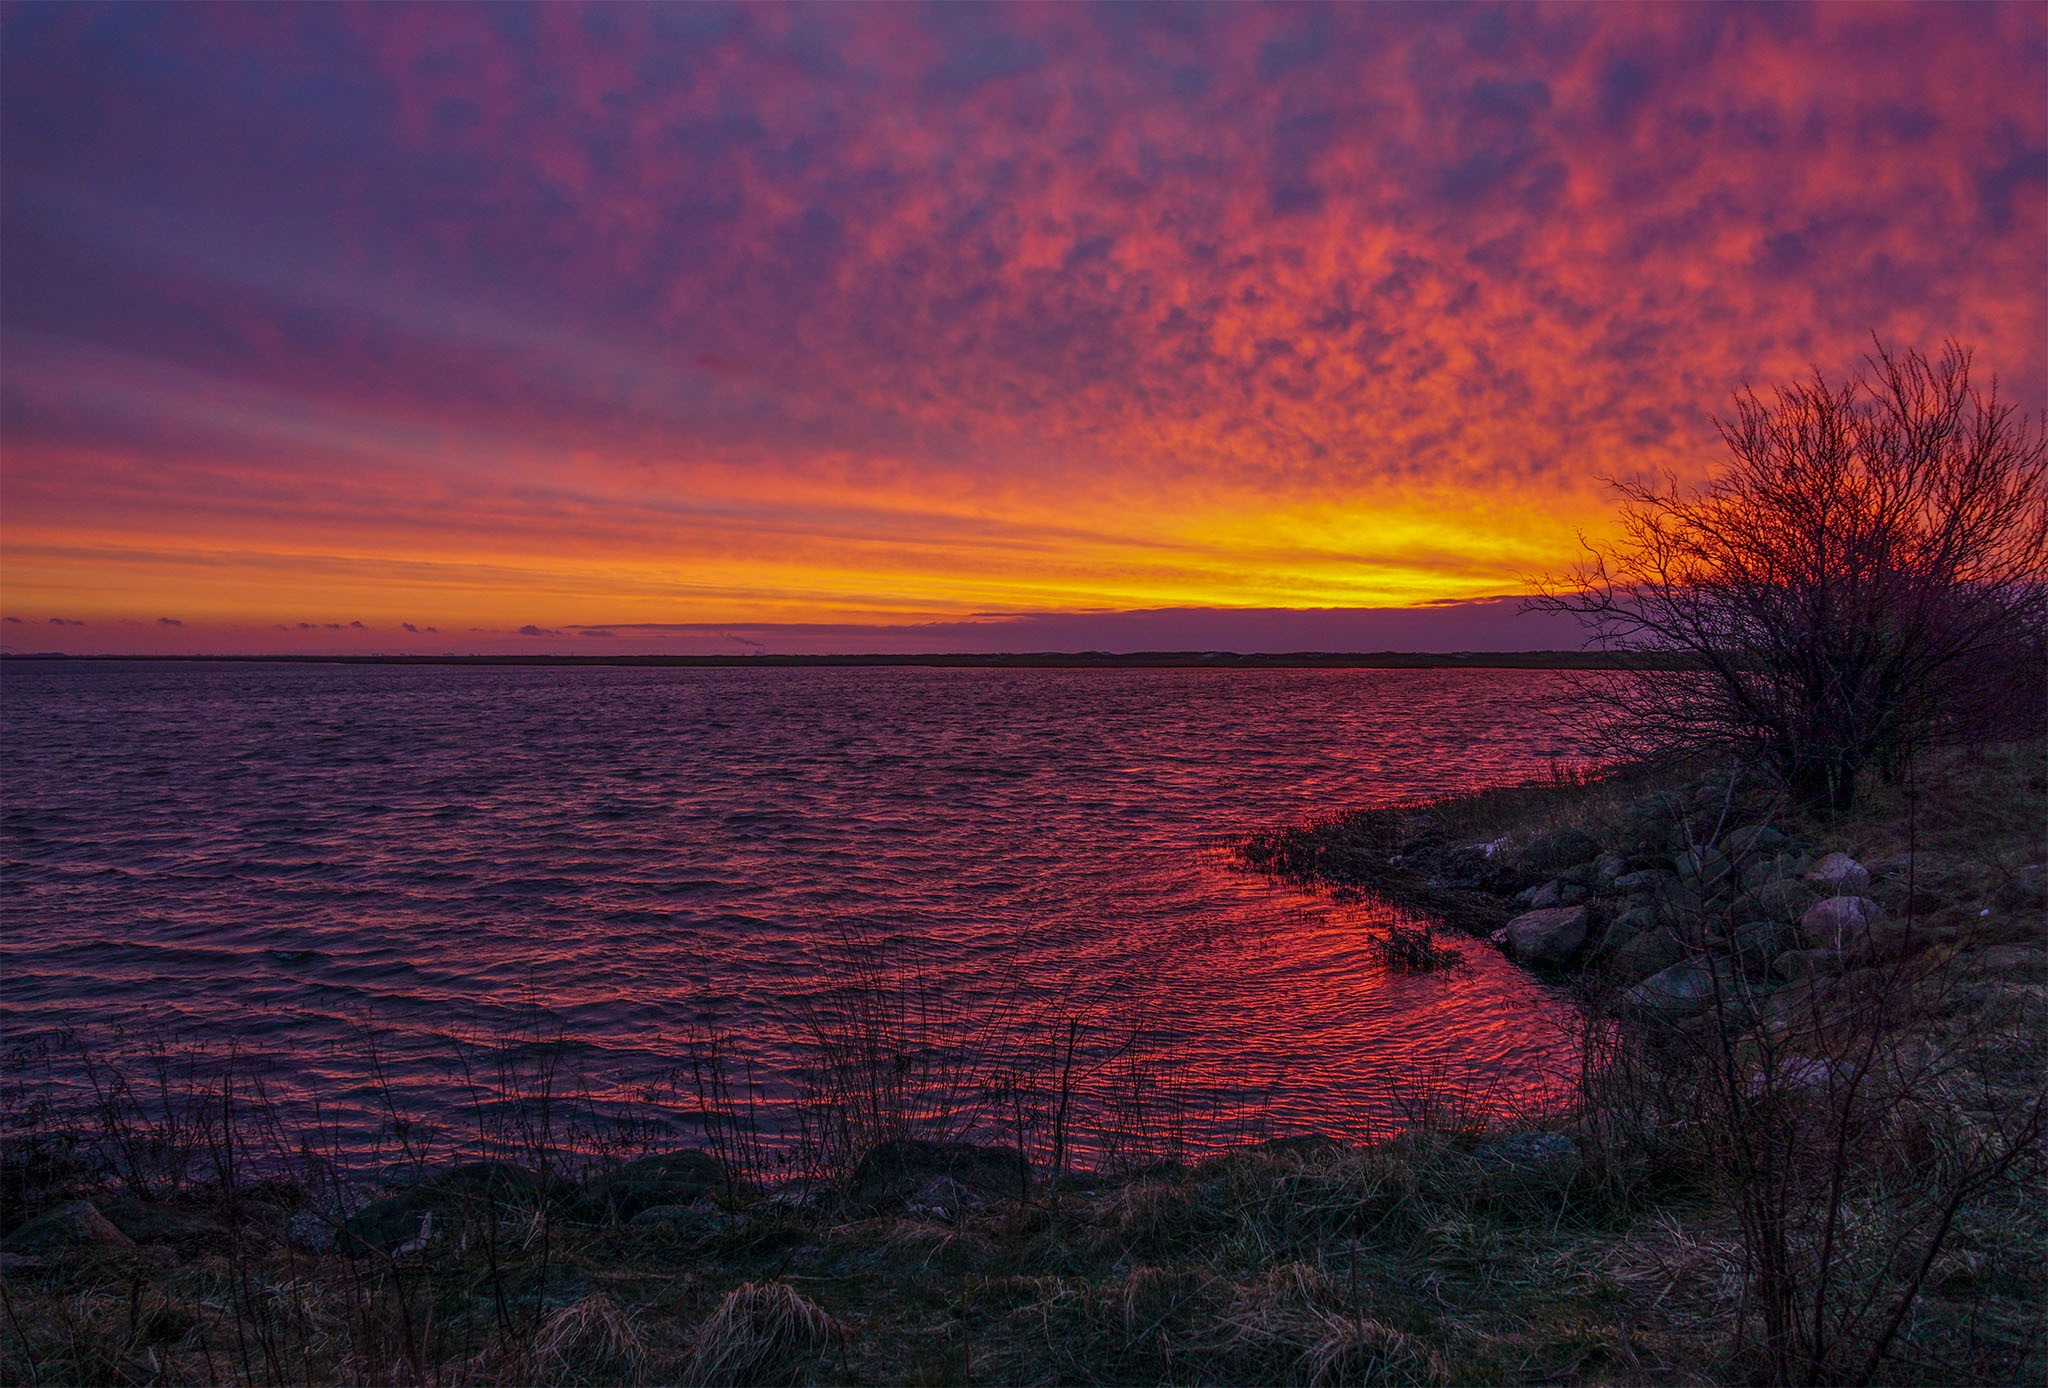 Red sky by Dorte Hedengran